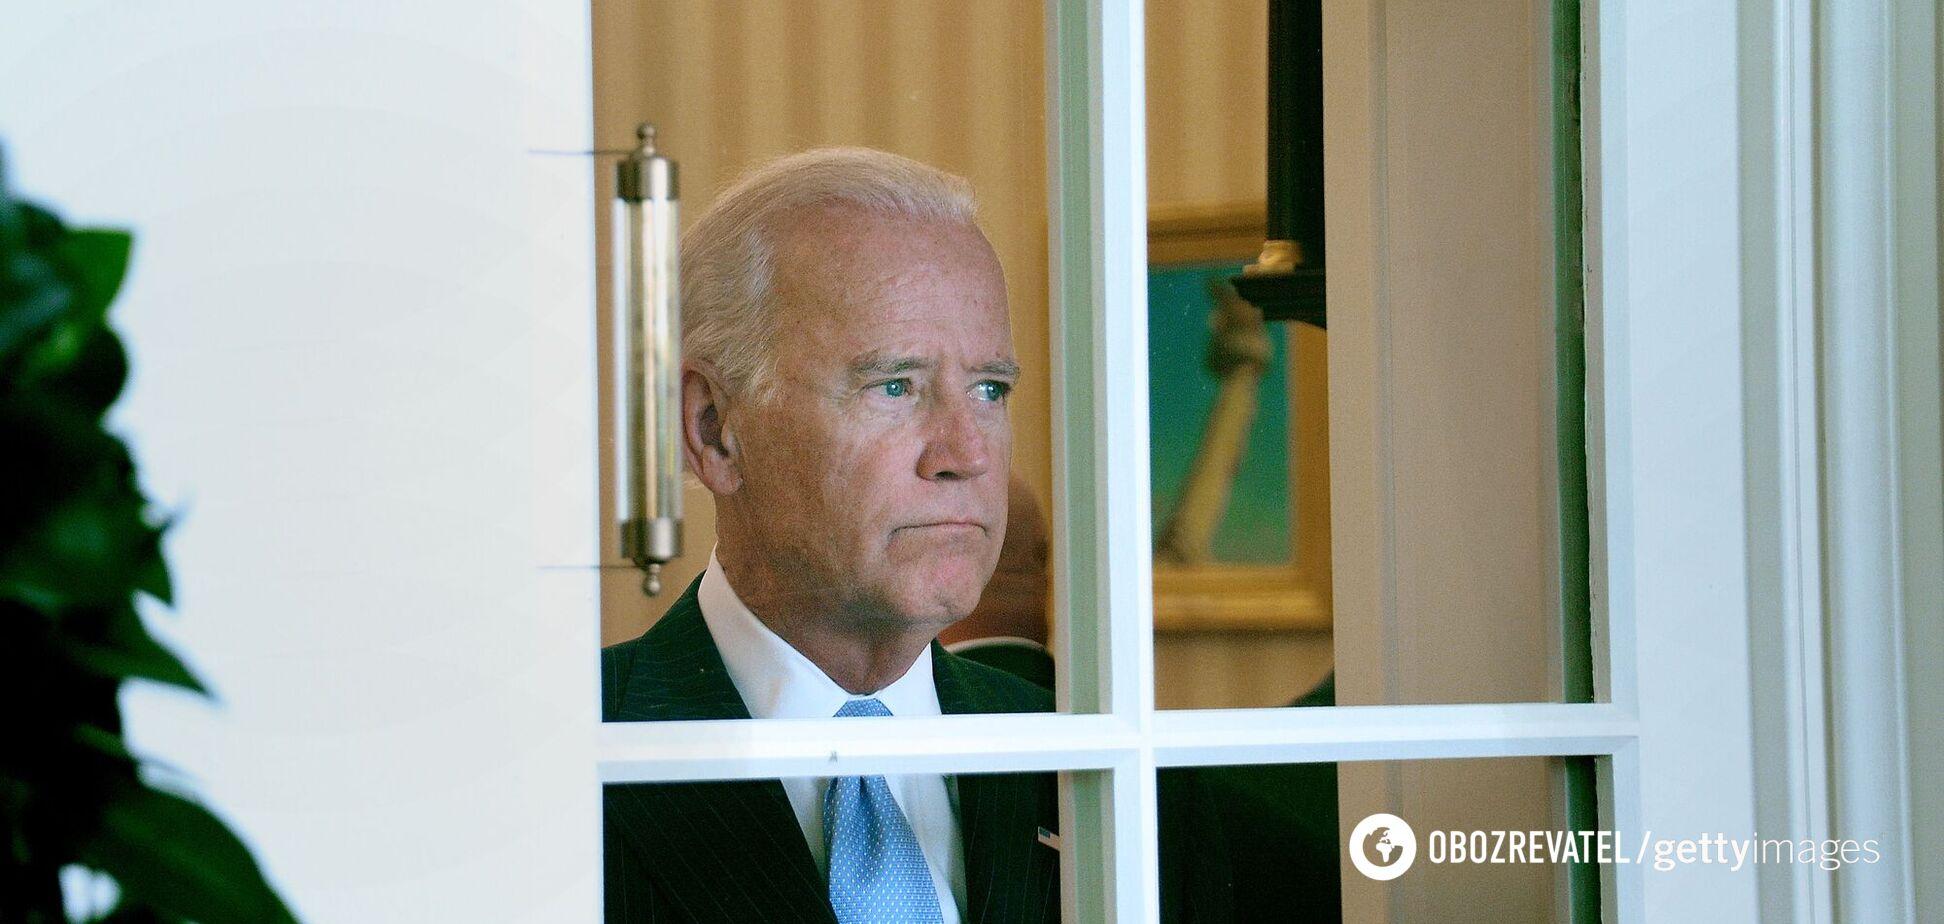 Джо Байден в Белом доме. 2014 год